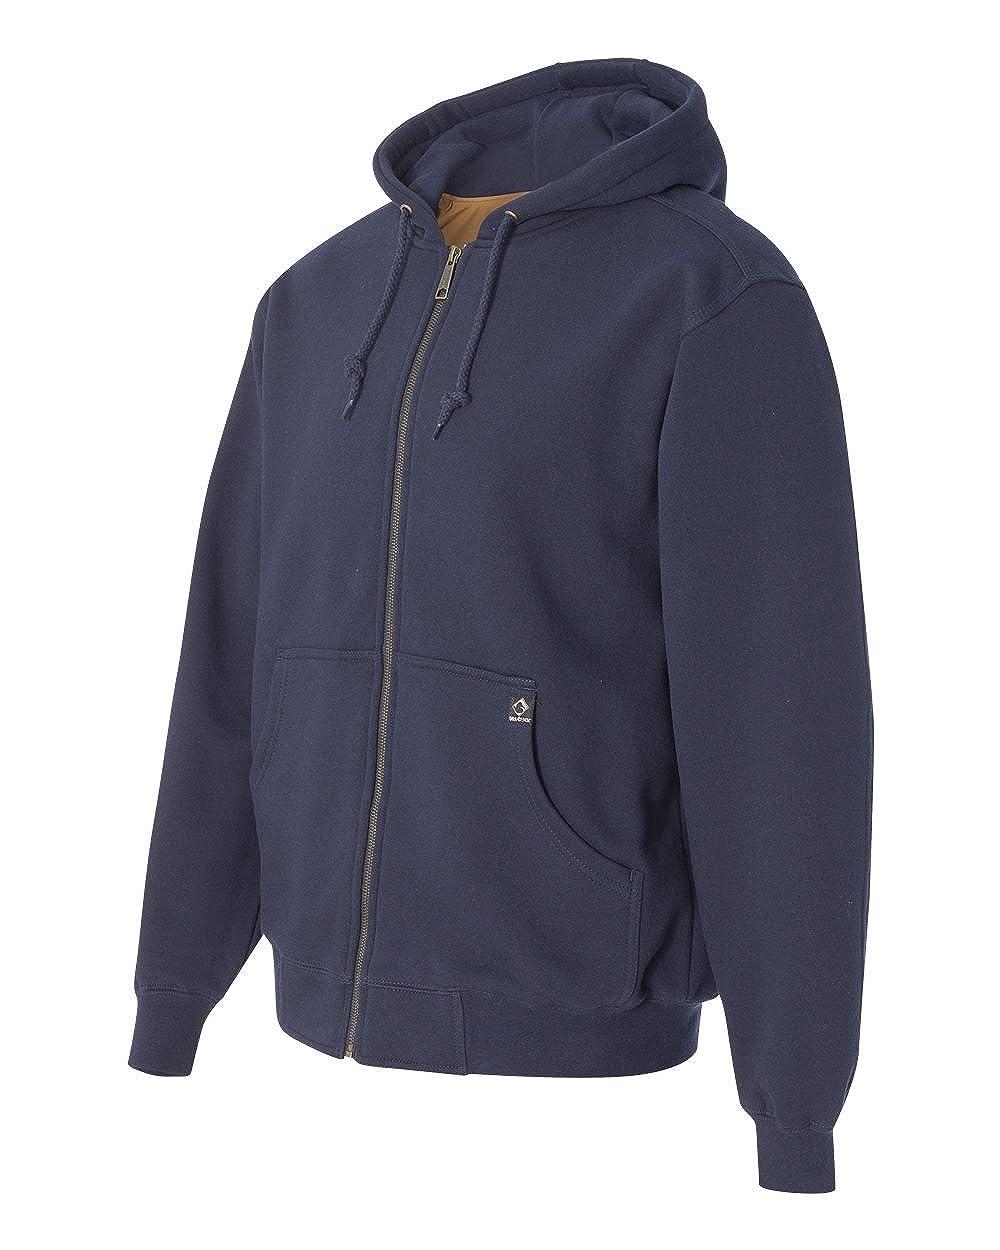 DRI Duck Mens Crossfire Heavy Duty Oxford Jacket